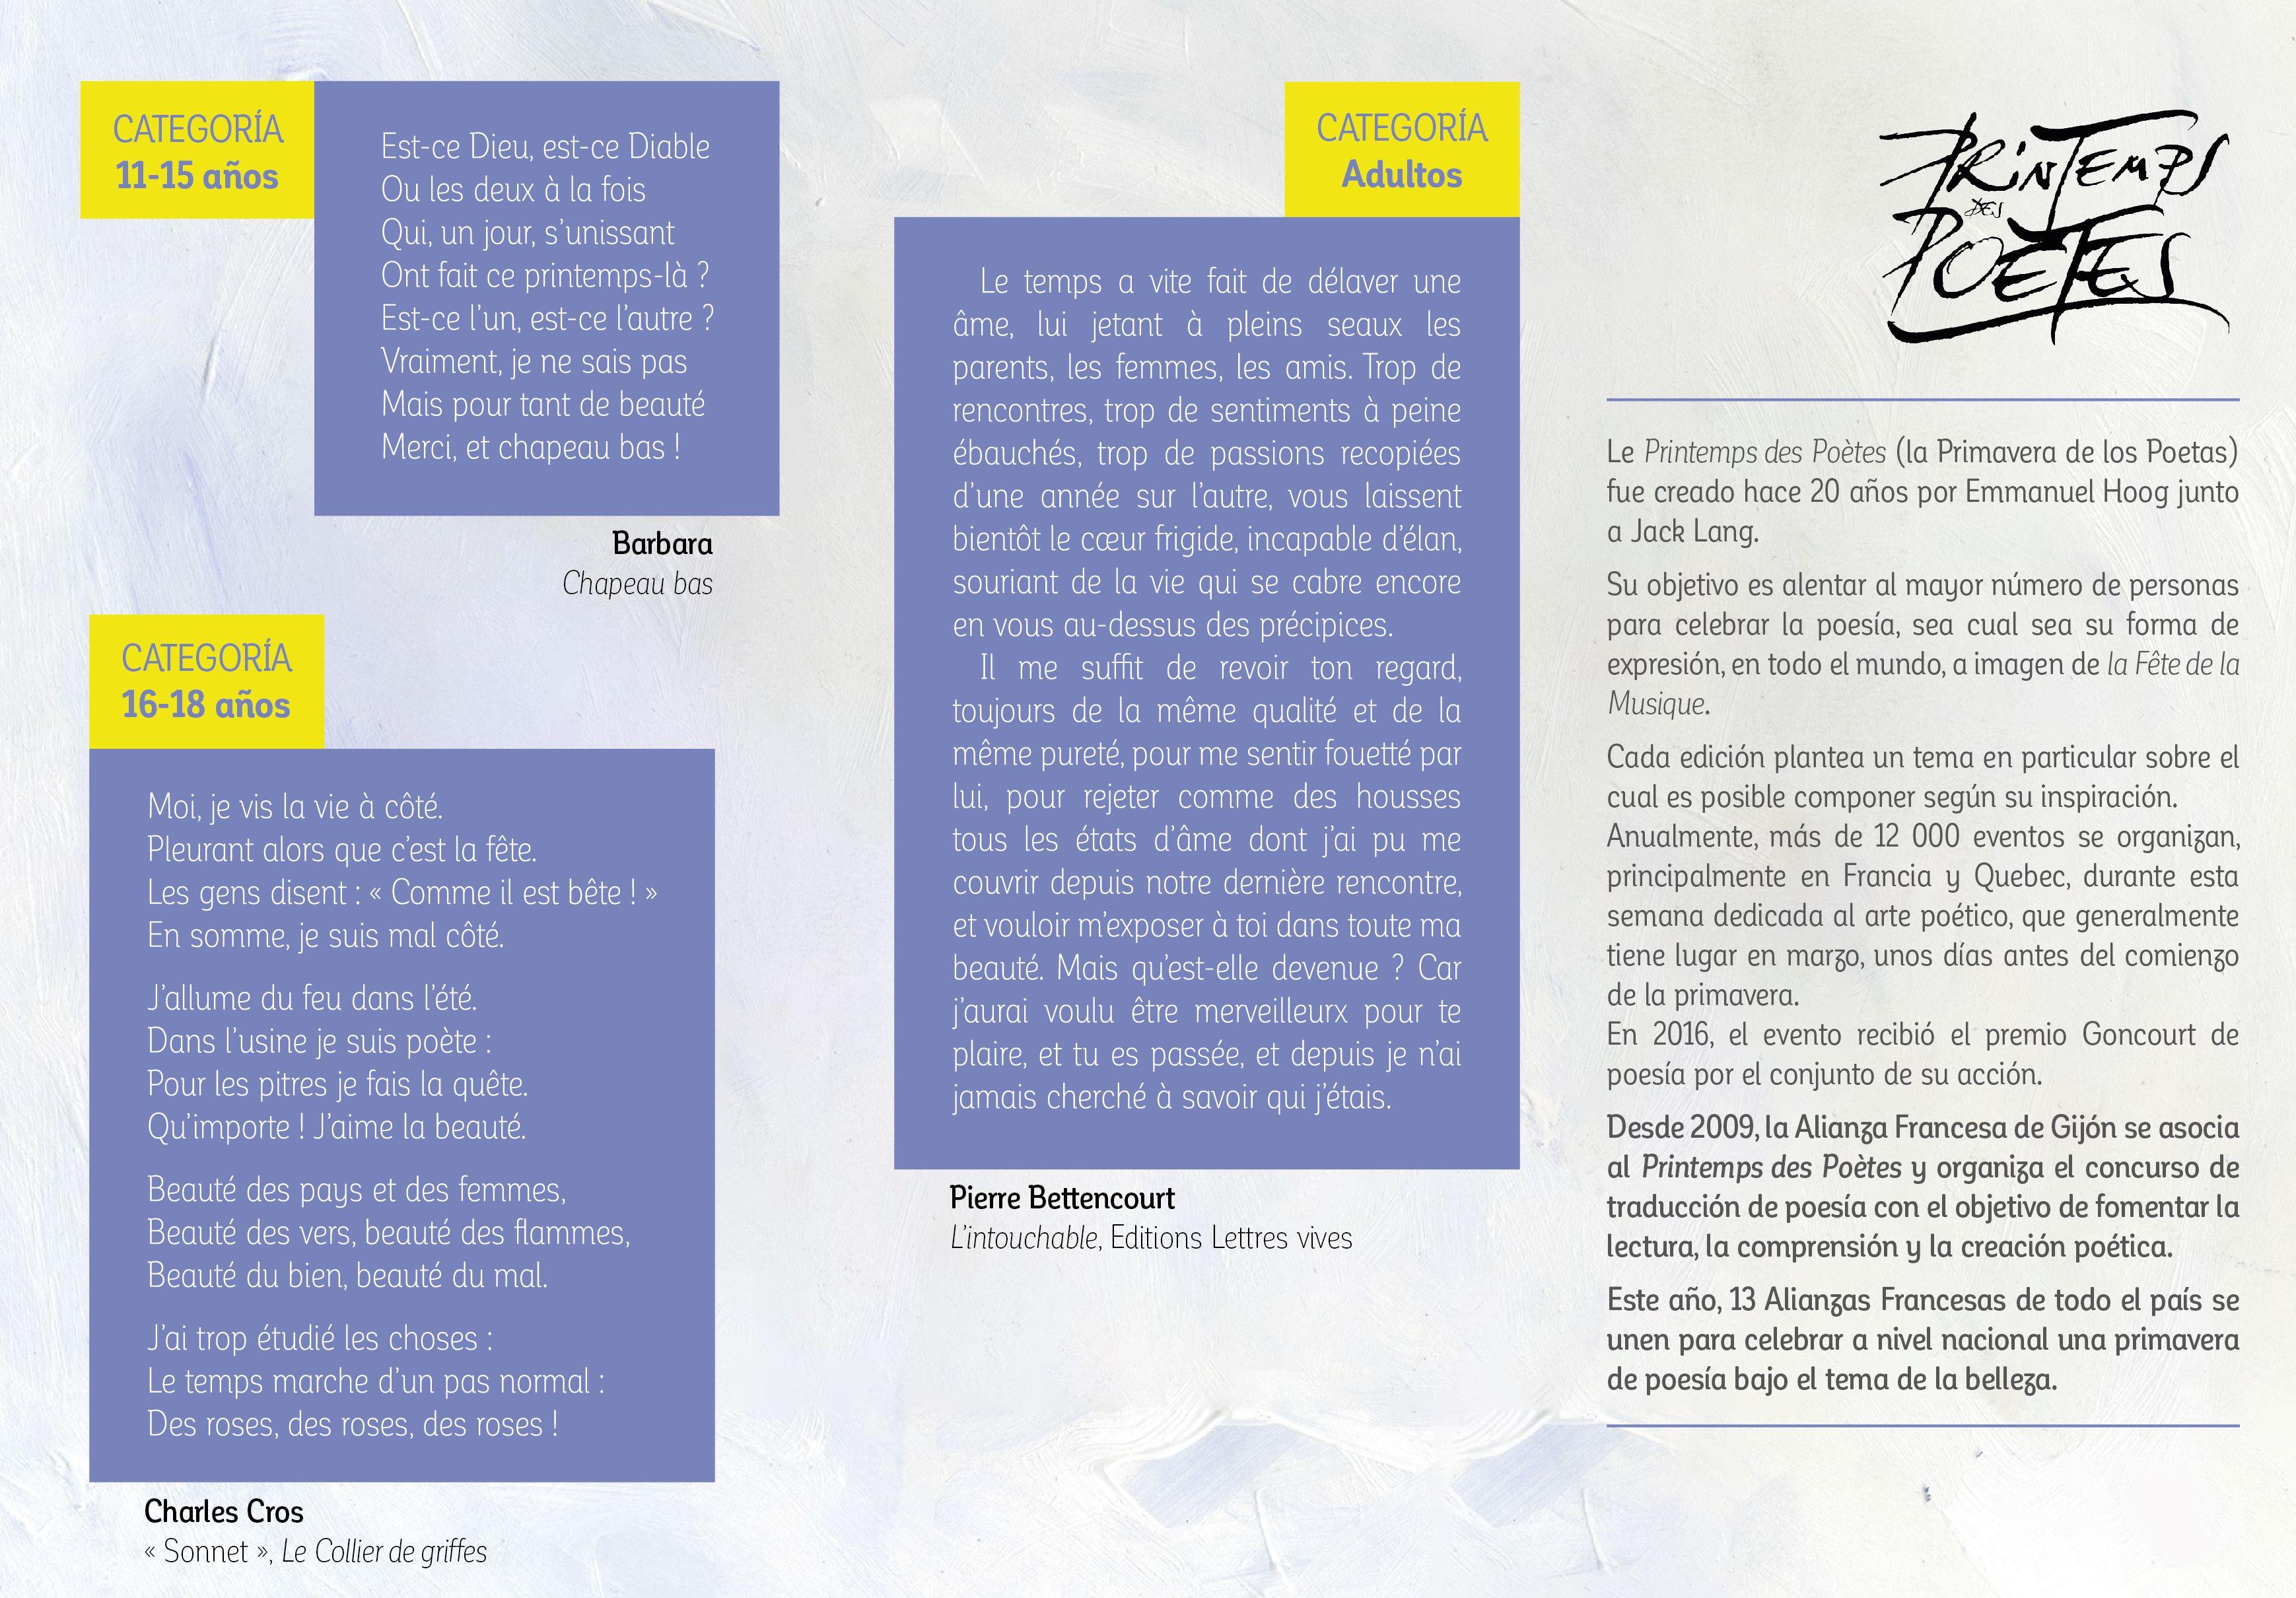 Concurso Nacional de Traducción de Poesía 2